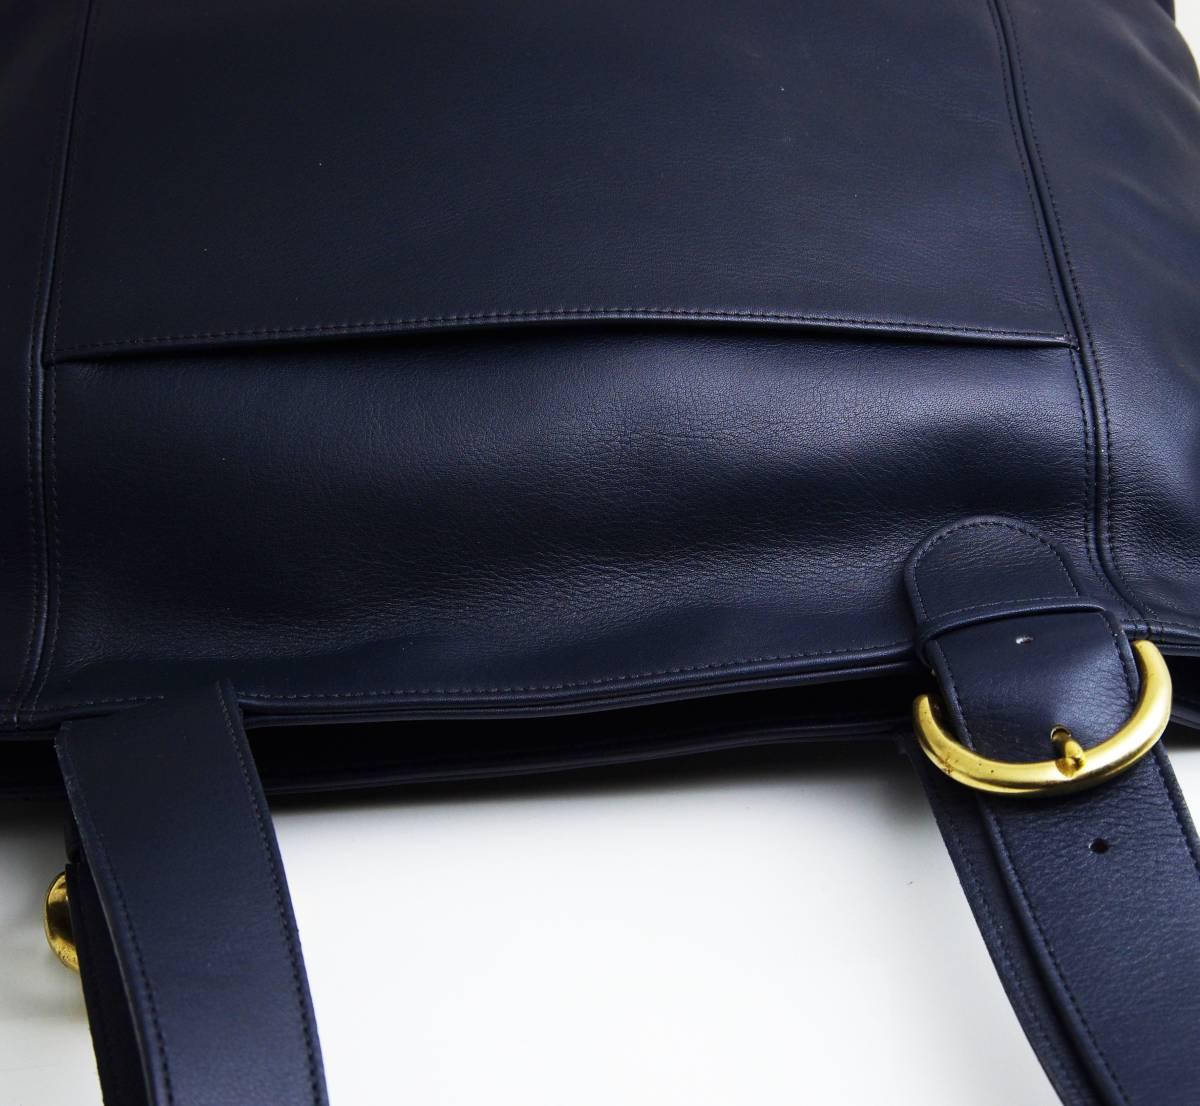 デットストック 極美品 オールドコーチ COACH トートバッグ ビジネスバッグ モスネイビー レザー メンズバッグ 牛革 A4ファイル 定価6万_画像8